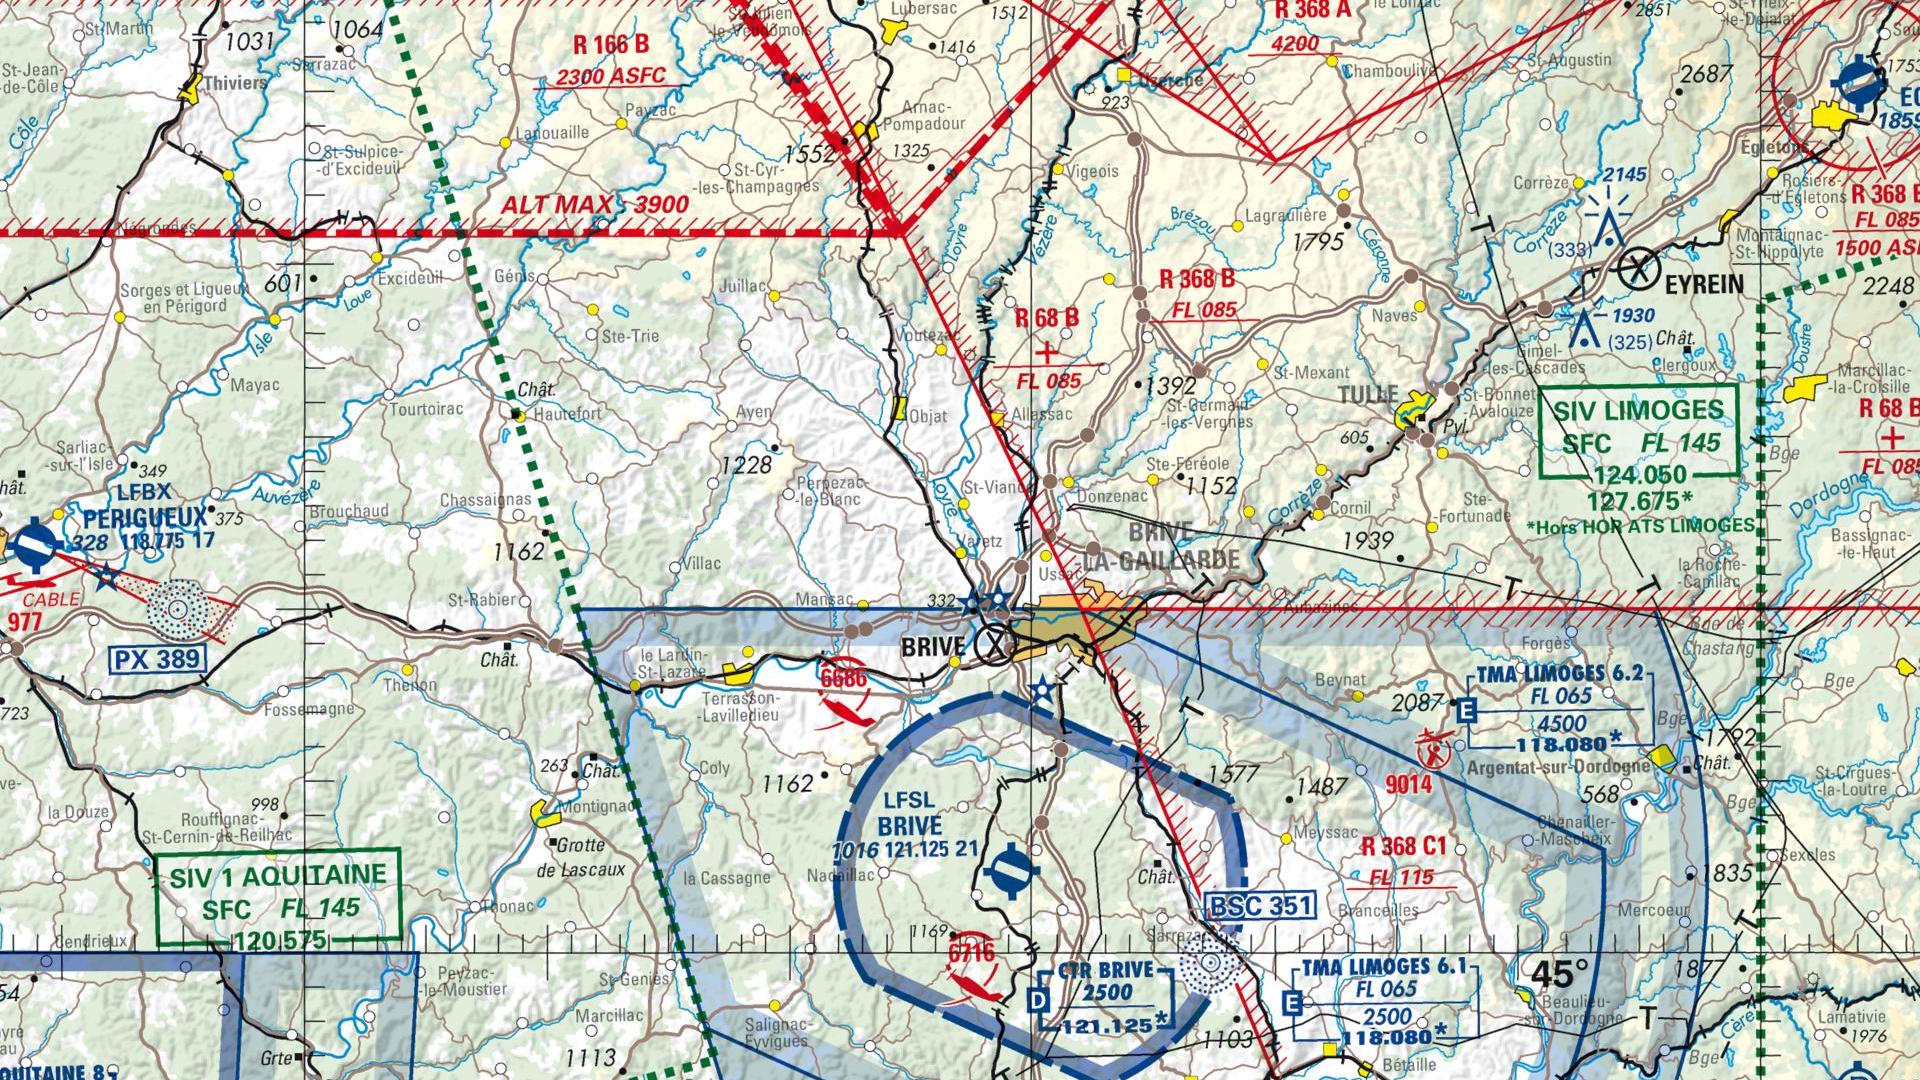 Réglementation drone à Varetz